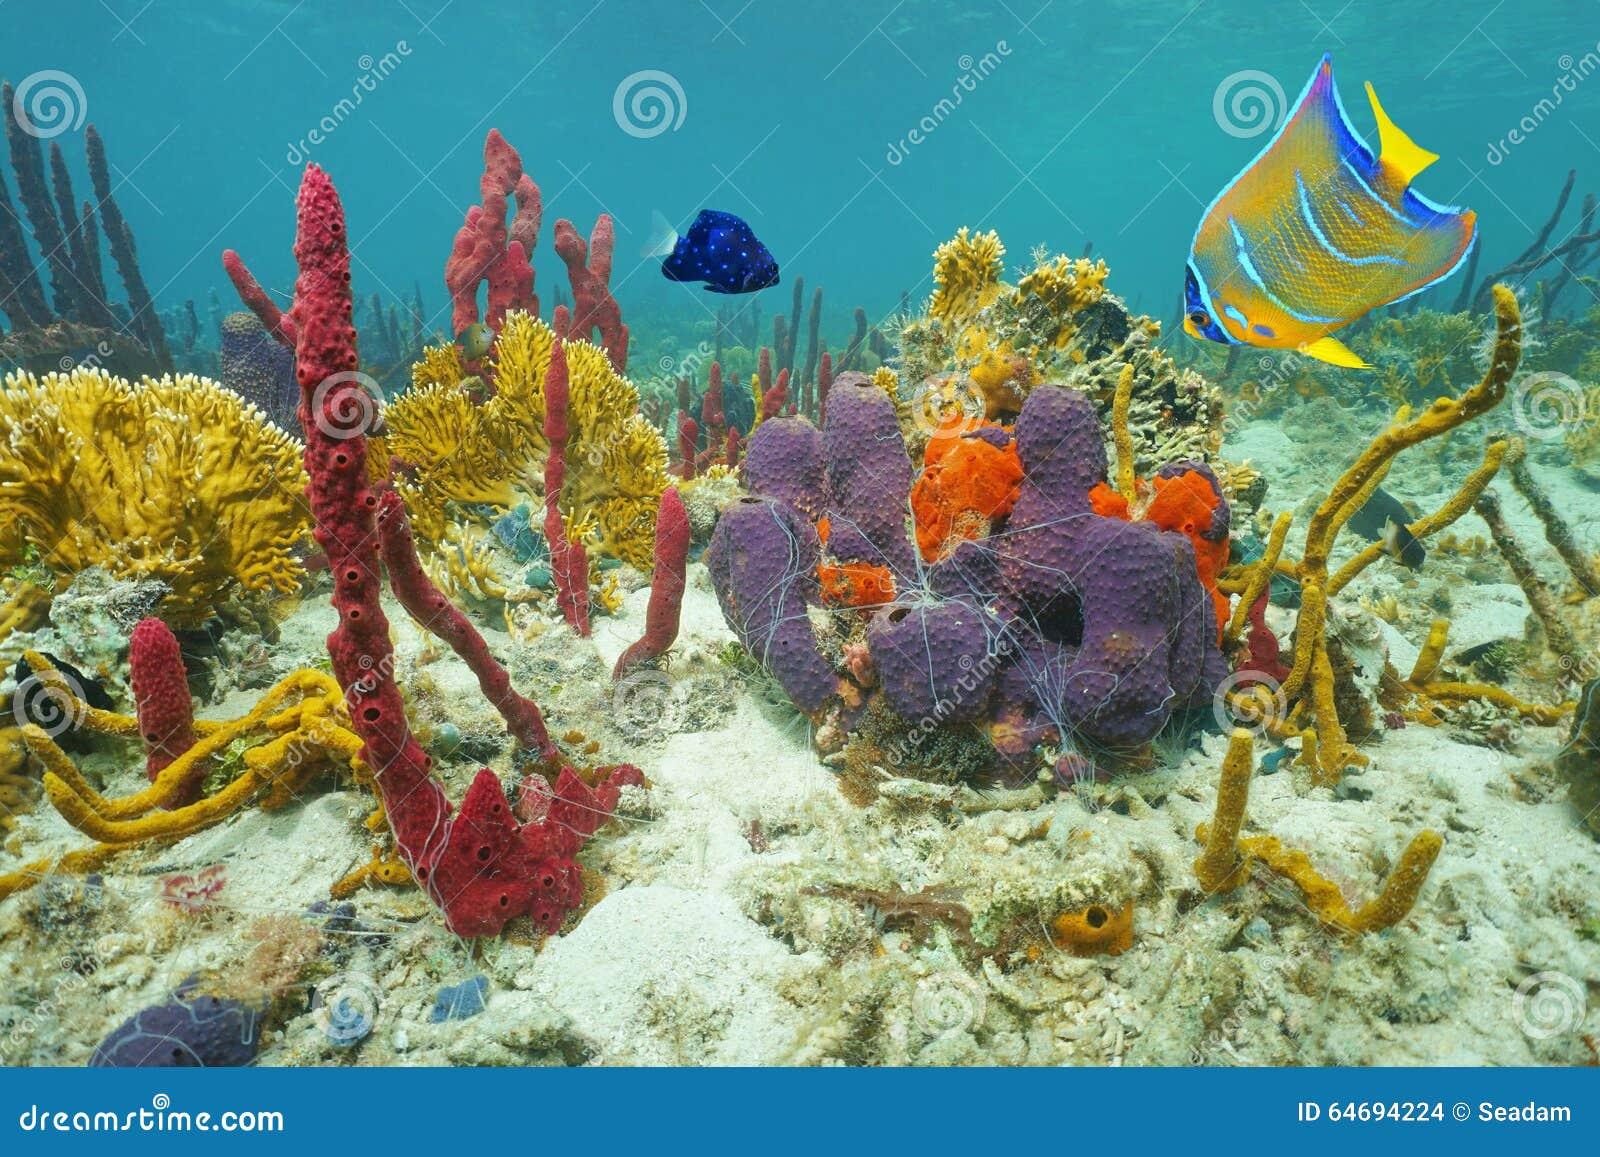 Immagini Di Tartaruga Marina A Colori Immagini Da Colorare